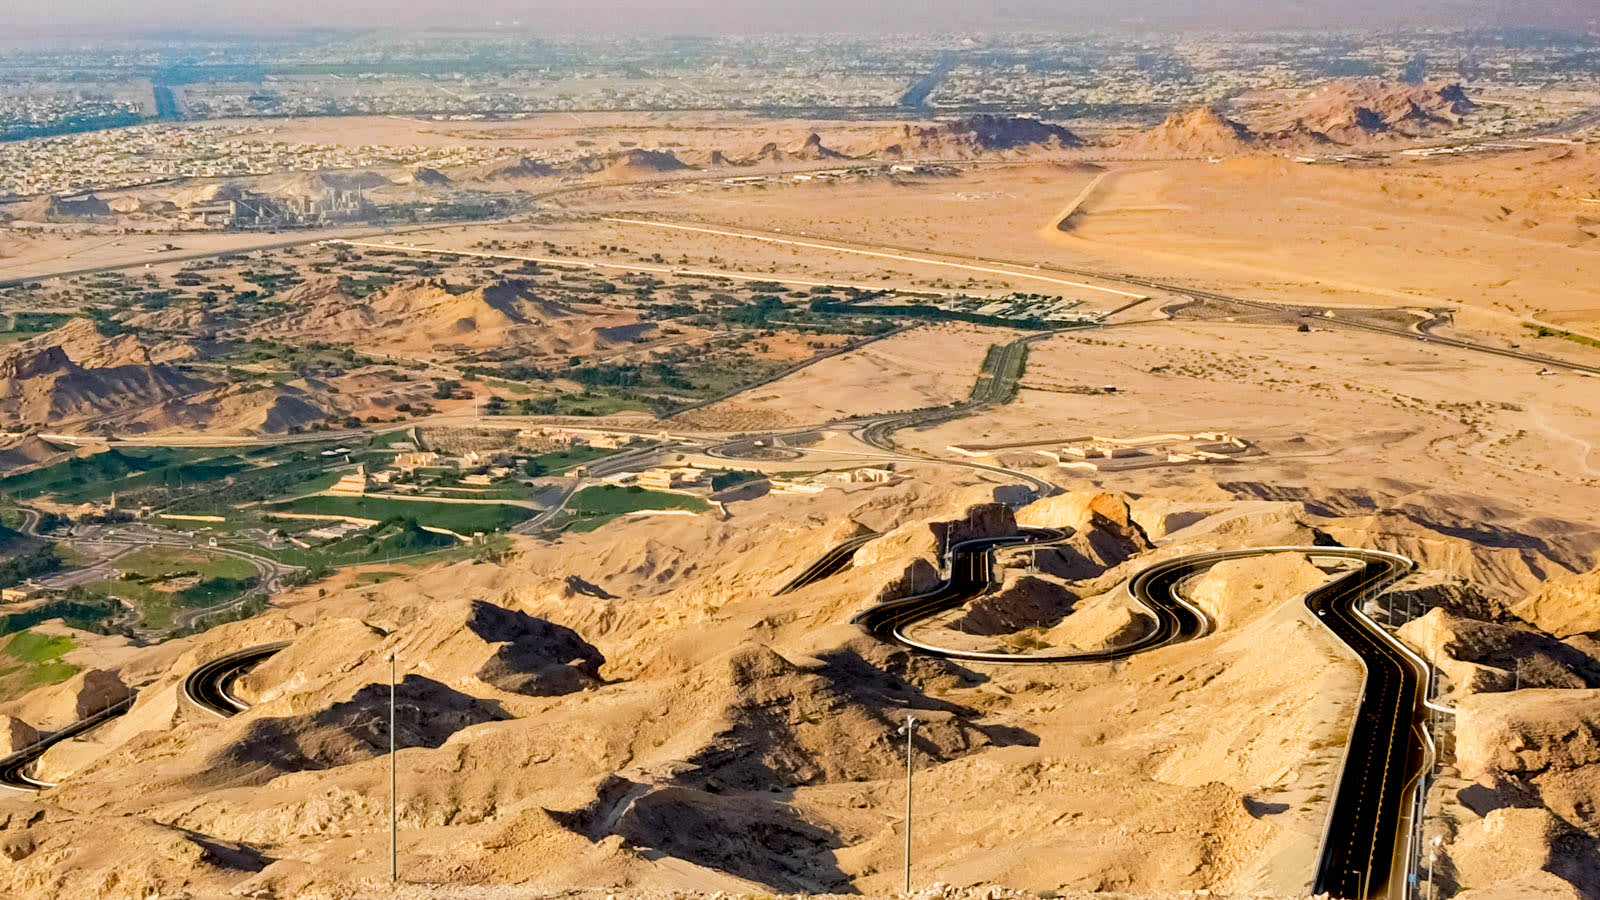 مدينة أبوظبي في الإمارات